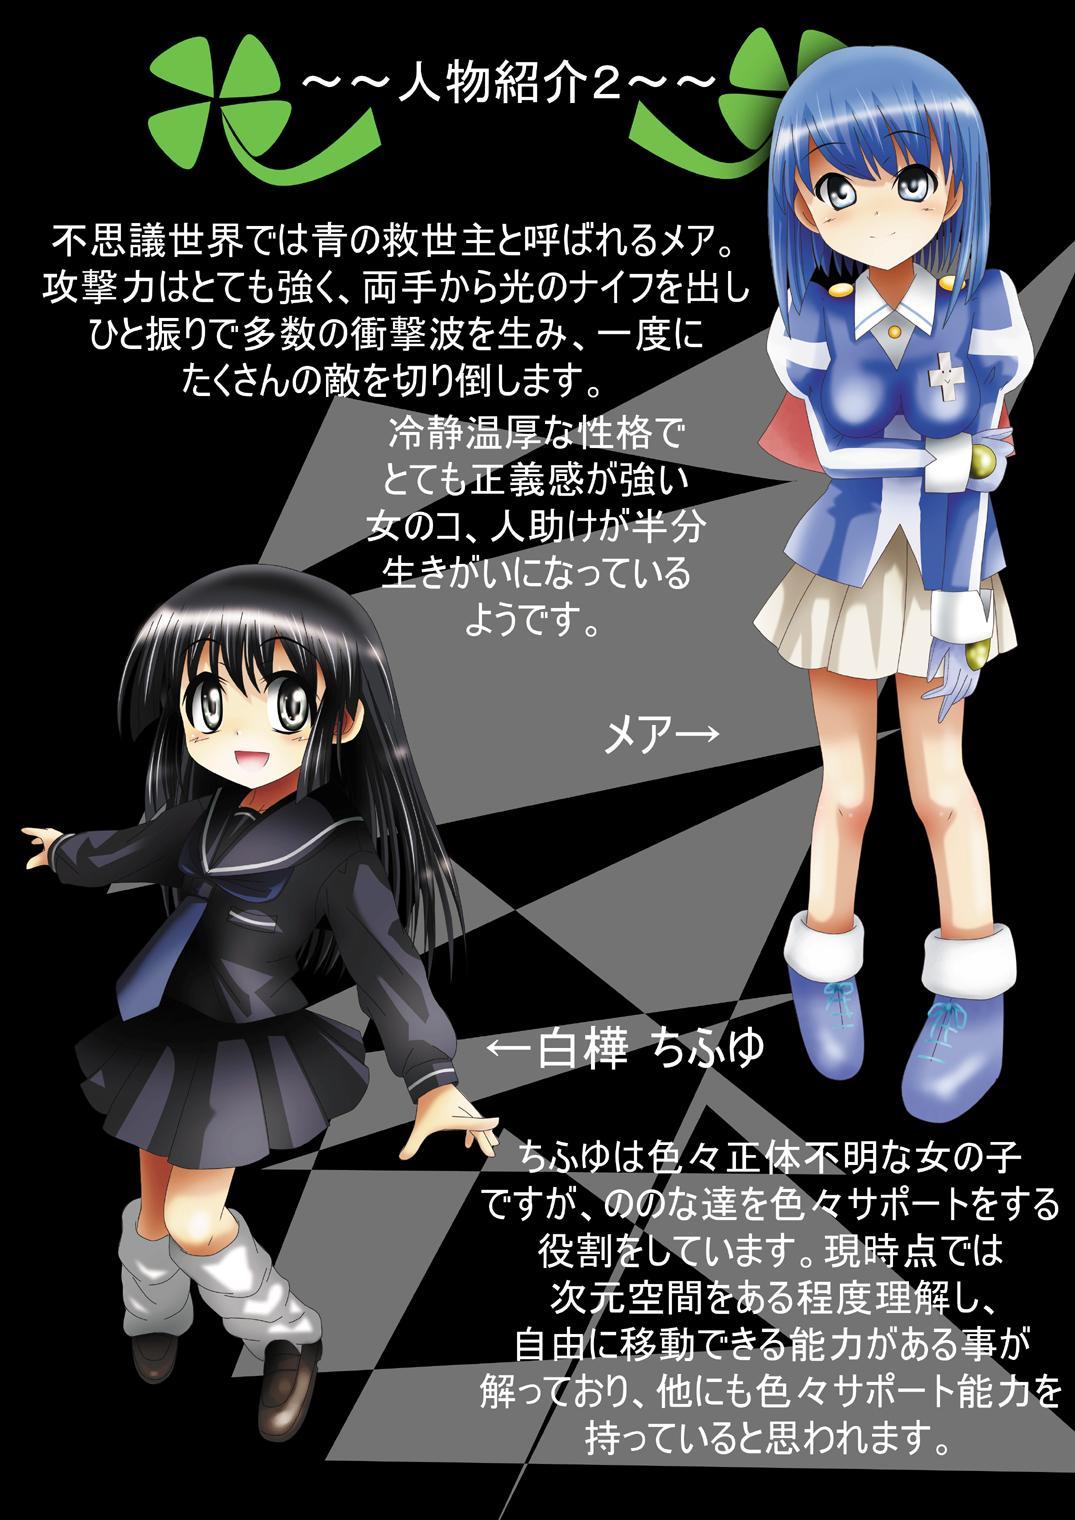 [Dende] Fushigi Sekai -Mystery World- no Nona 17 ~ Taiketsu Fujimi no Dai Inma Dakurasu, Kanzen Sekka no Kyoufu 8